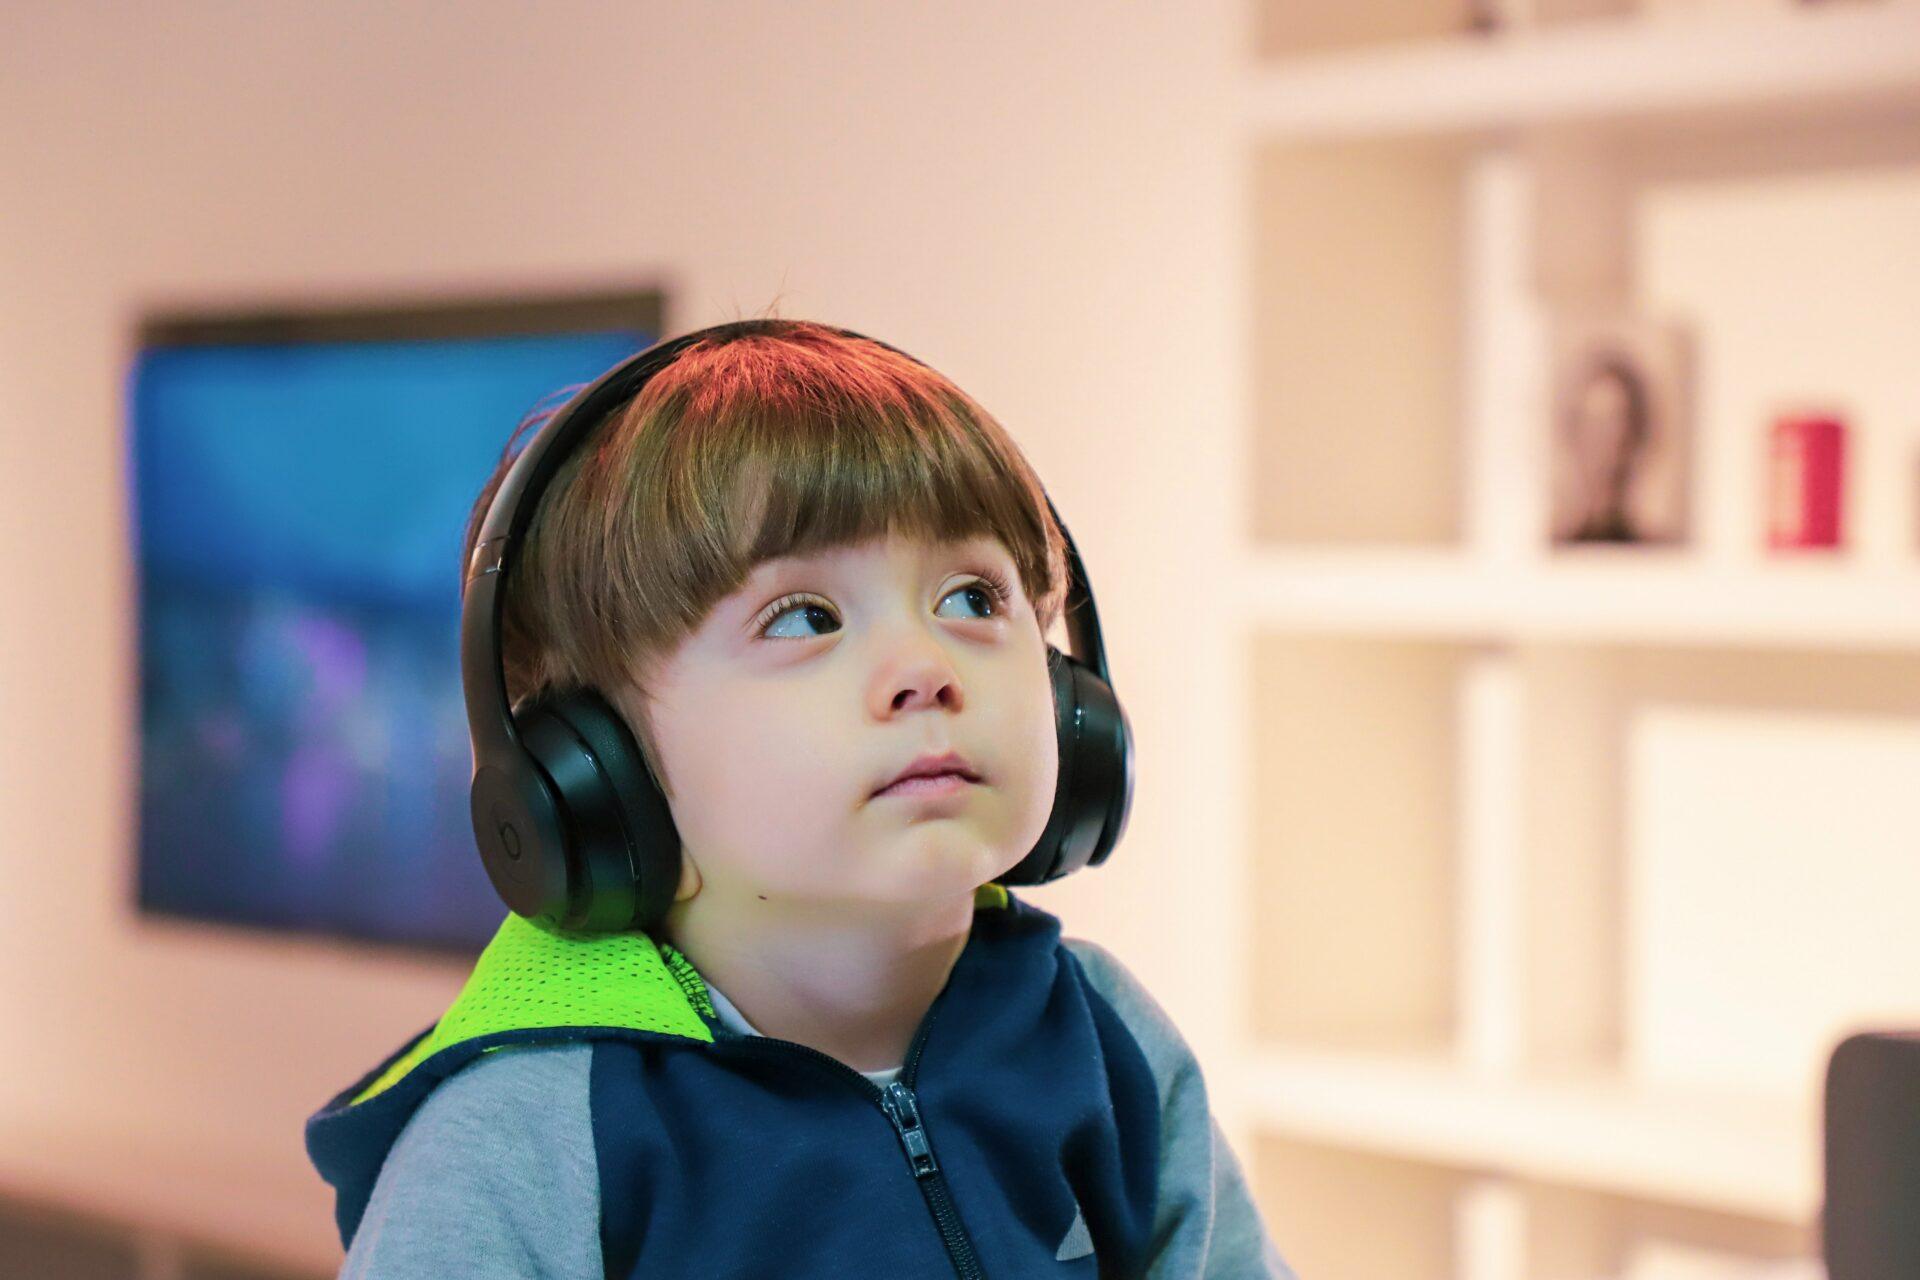 Junge mit trisomie 21 trägt Kopfhörer und hört Musik